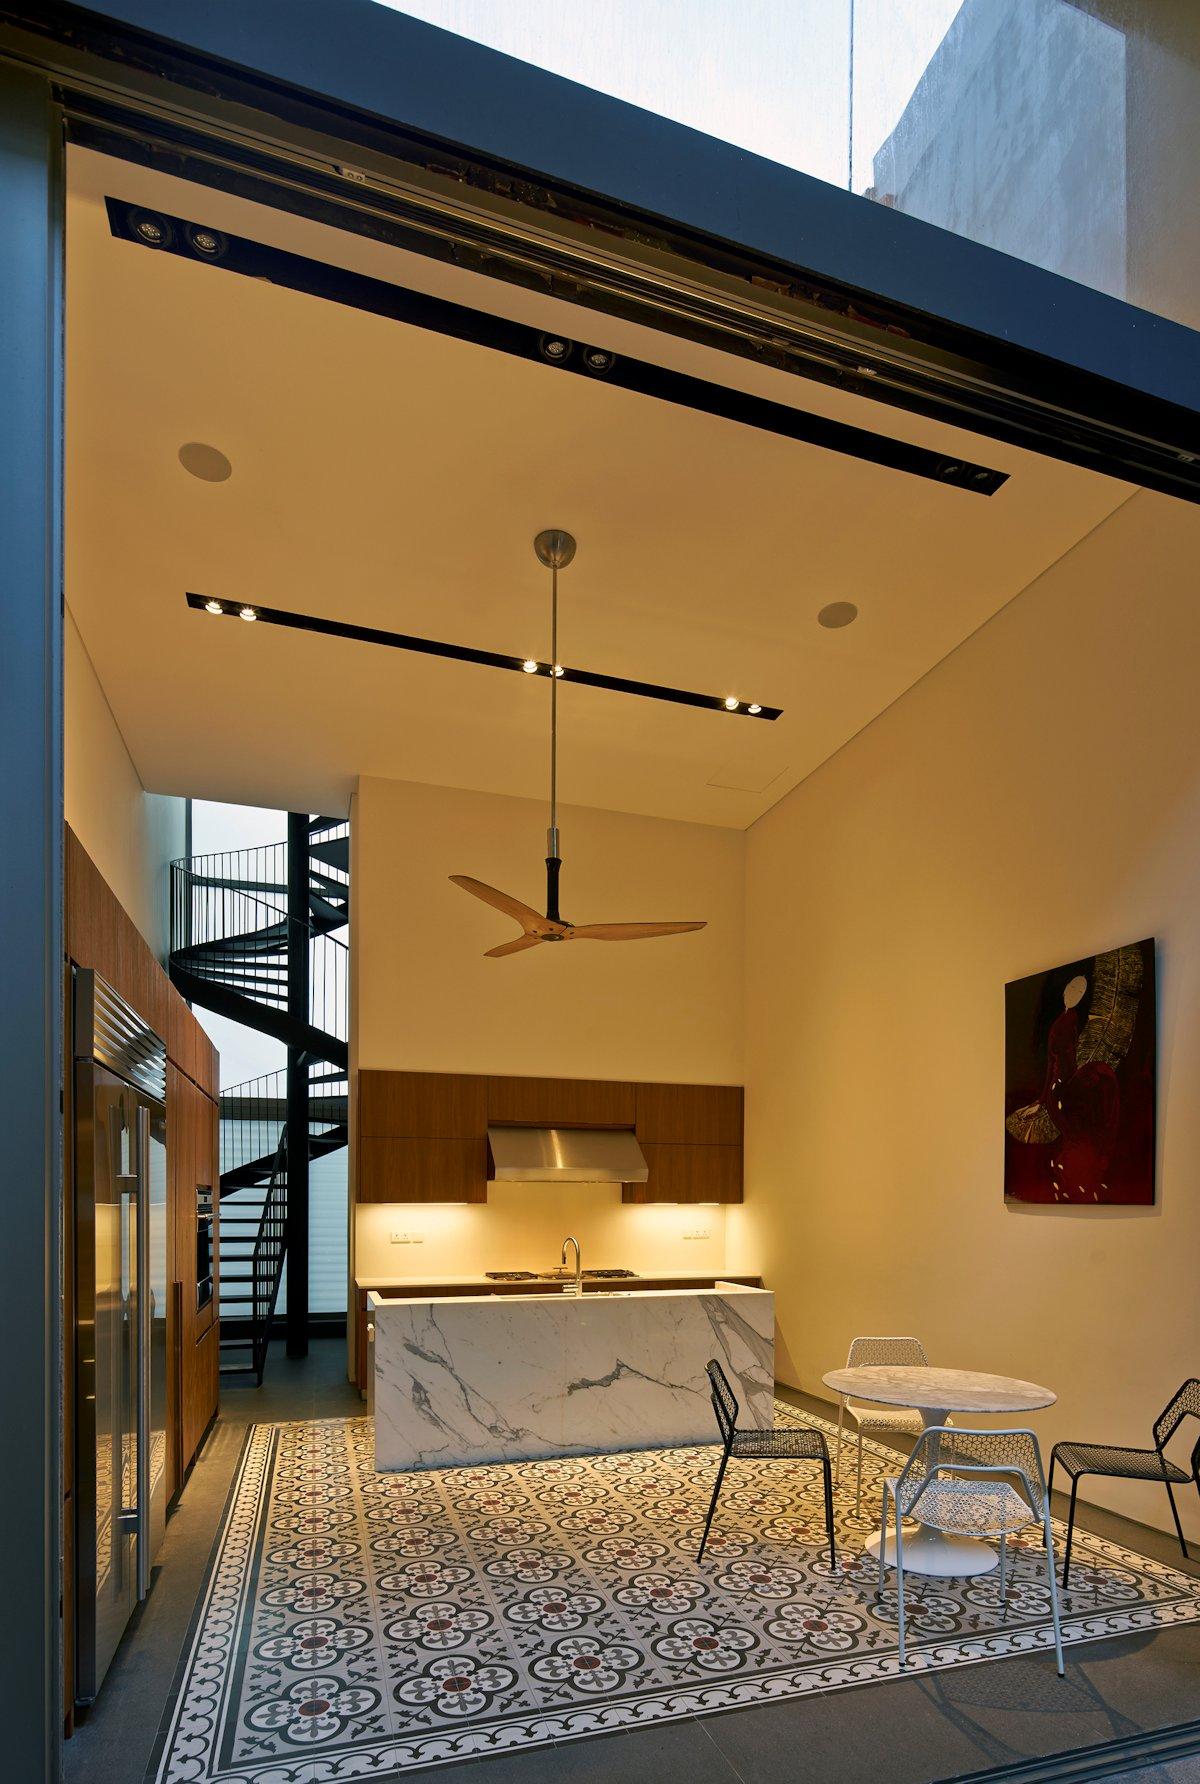 Br 160914 35 contemporist for Br interior designs